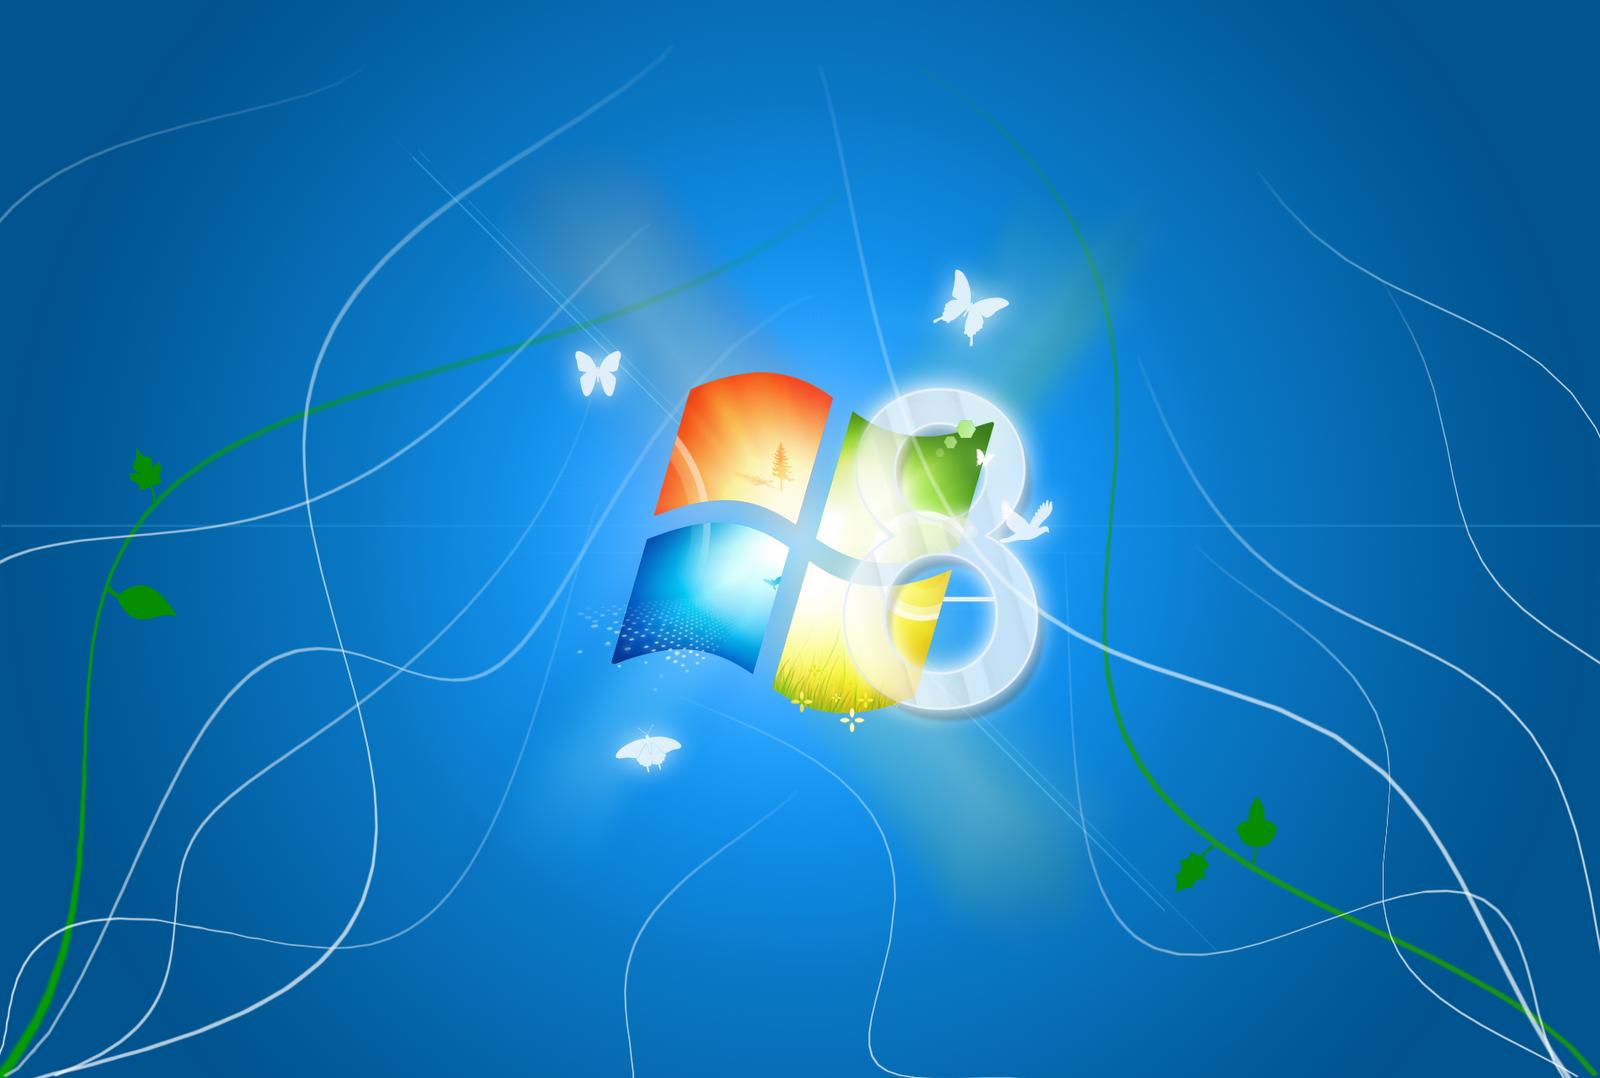 wallpaper | windows wallpaper free | windows 8 wallpaper hd | windows ...